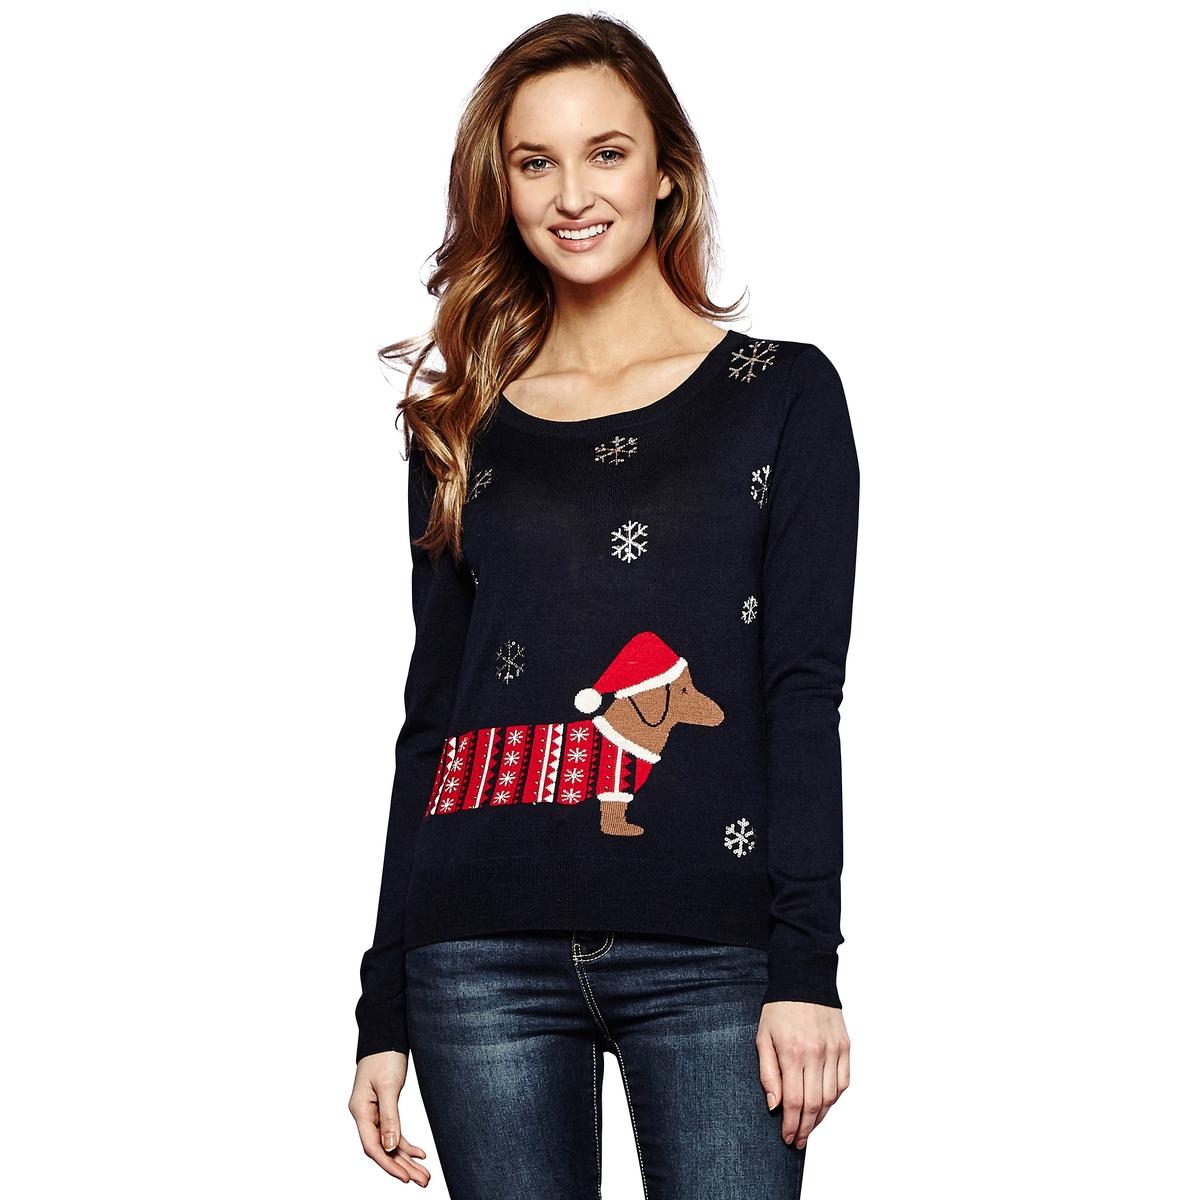 Пуловер с круглым вырезом из тонкого трикотажаДетали •  Длинные рукава •  Круглый вырез •  Тонкий трикотаж  •  Рисунок спередиСостав и уход •  8% шерсти, 25% акрила, 20% полиамида, 47% полиэстера   •  Следуйте советам по уходу, указанным на этикетке<br><br>Цвет: темно-синий